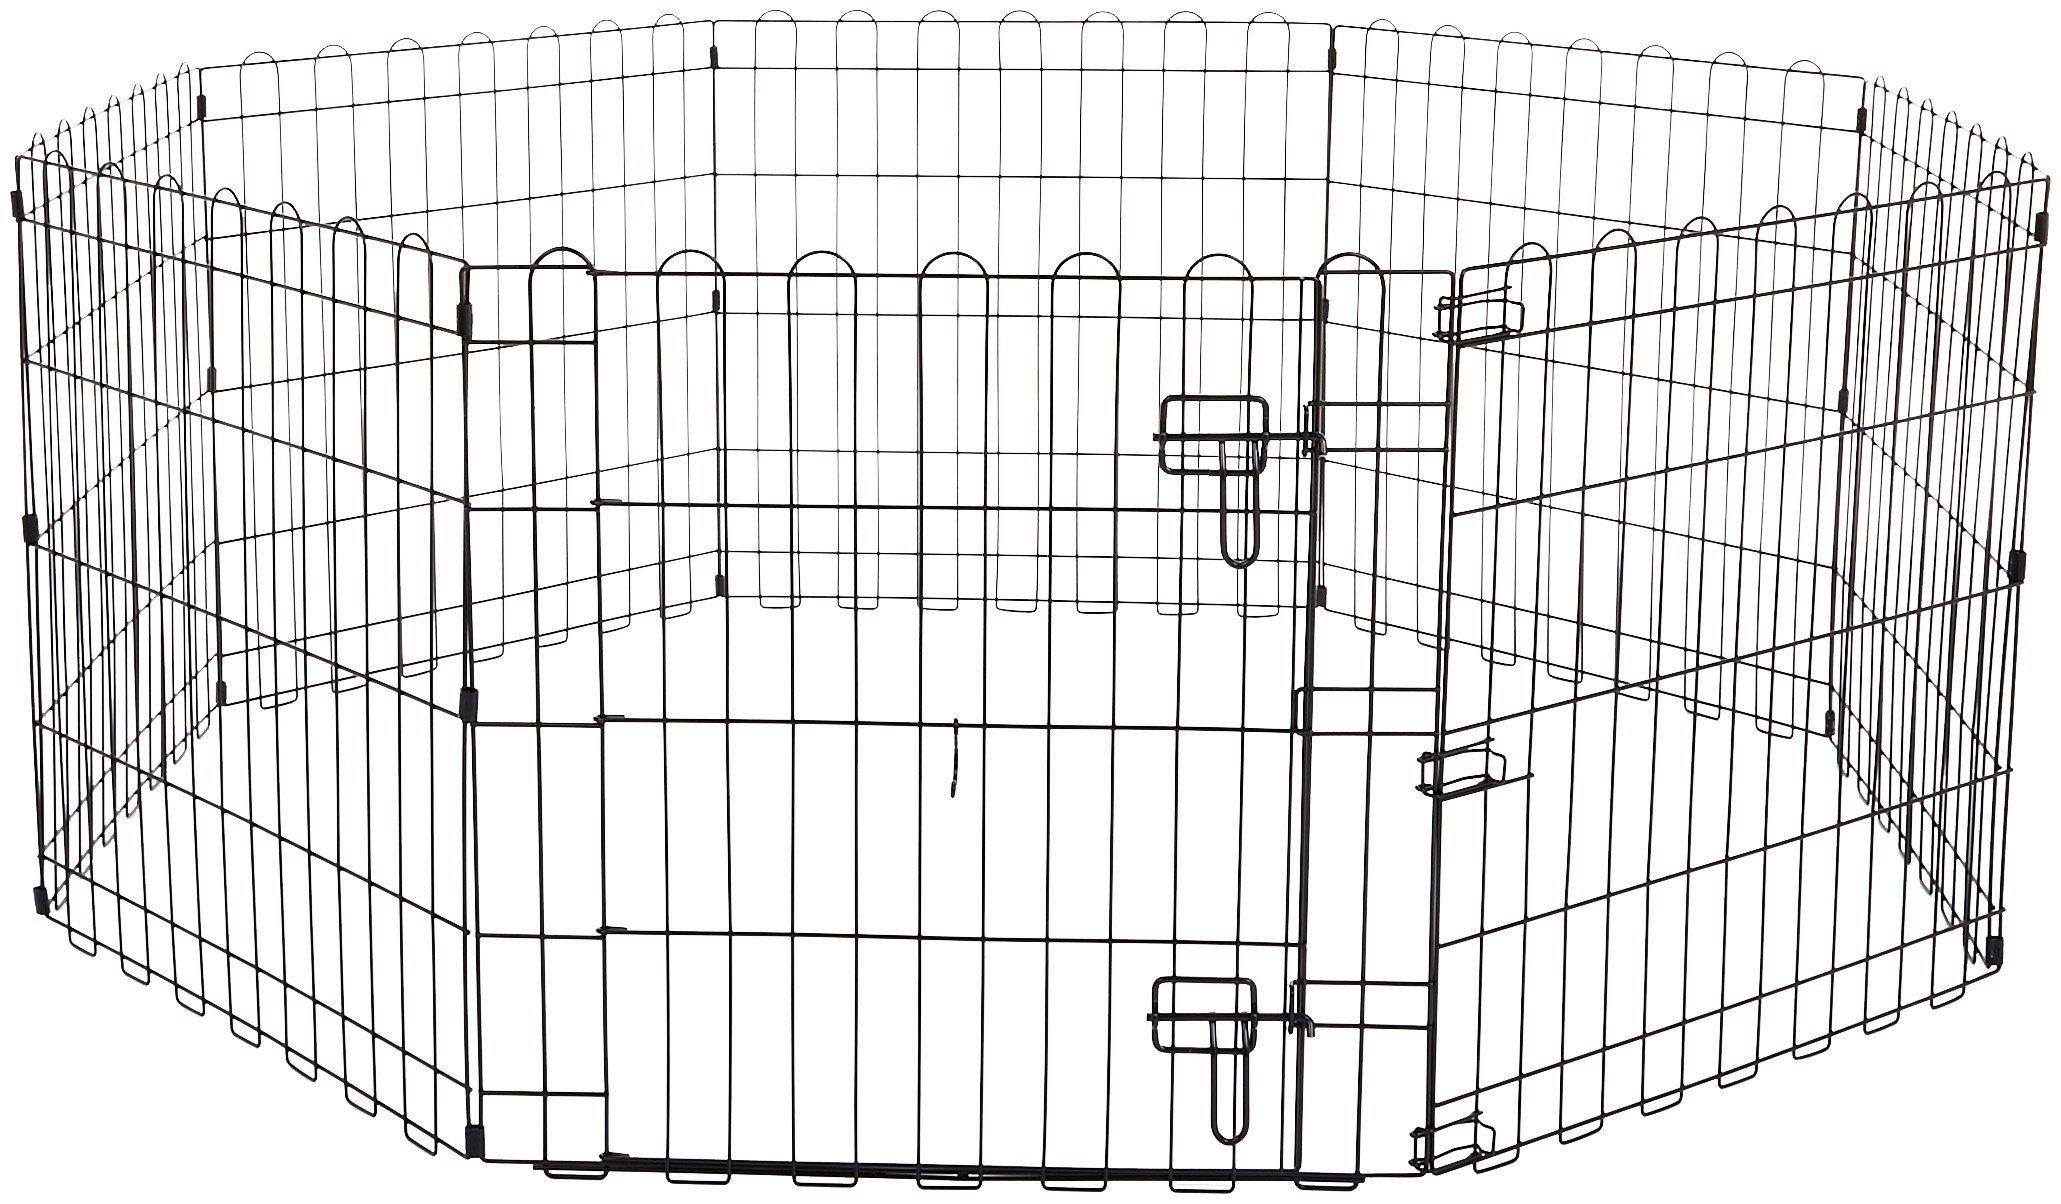 AmazonBasics Foldable Metal Pet Dog Exercise Fence Pen With Gate - 60 x 60 x 24 Inches by AmazonBasics